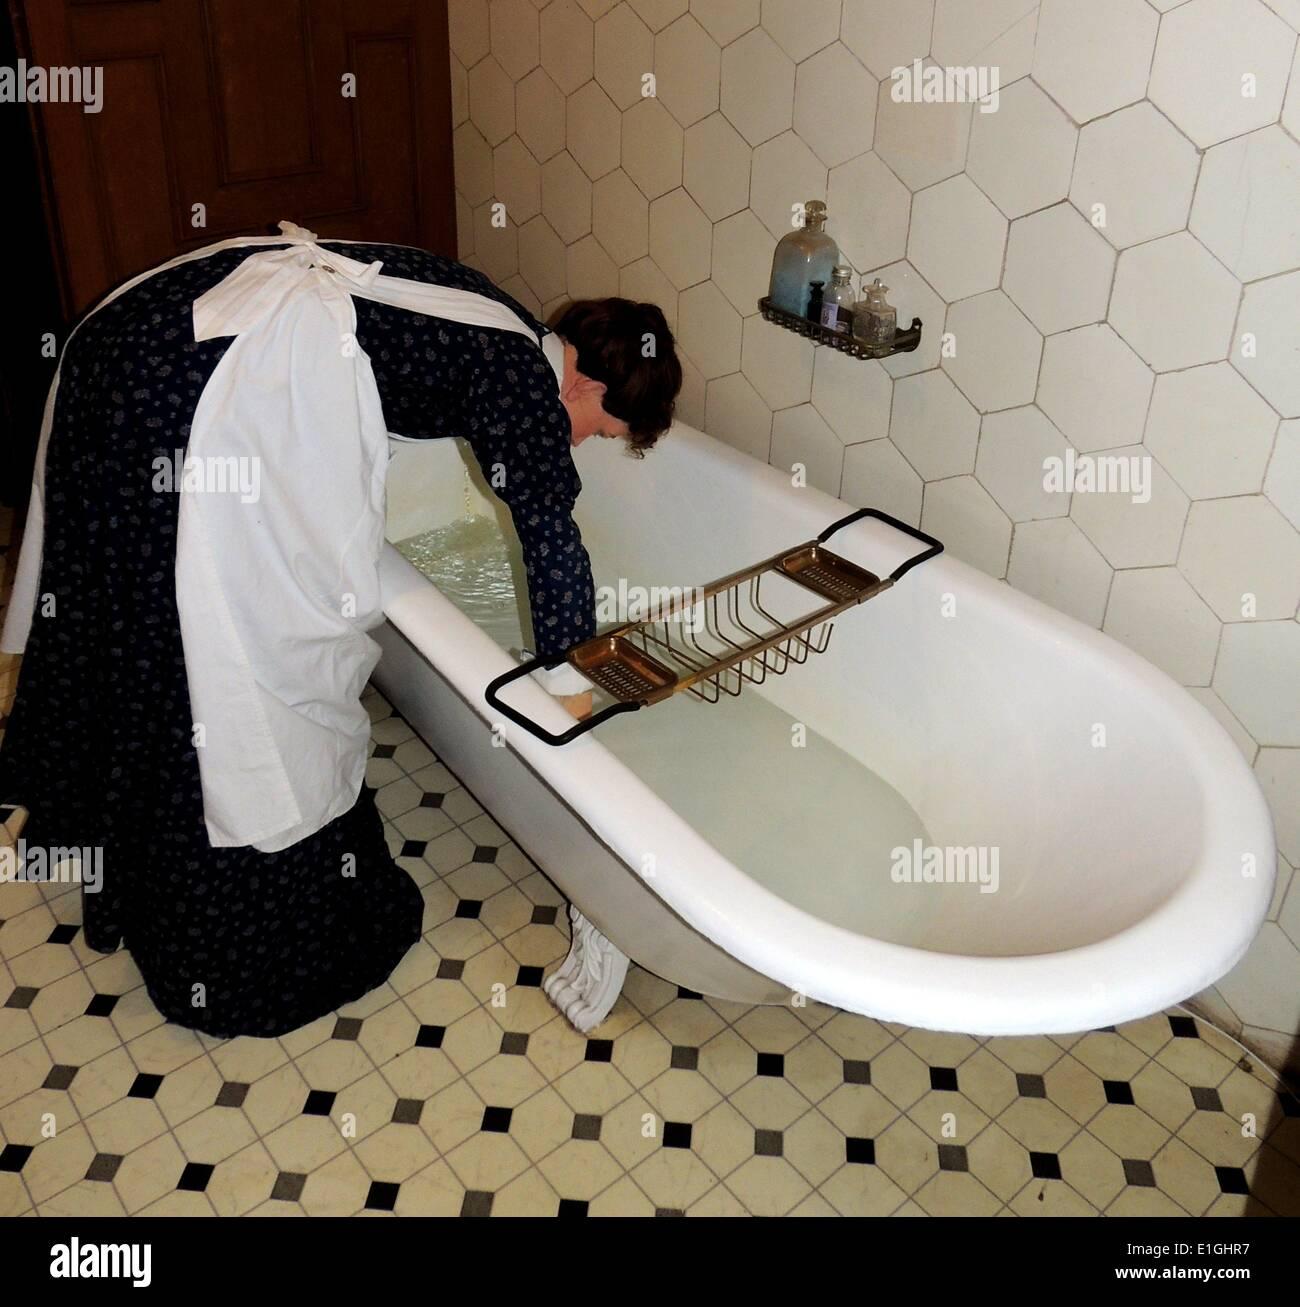 viktorianische badewanne mit butler gie en hei es wasser. Black Bedroom Furniture Sets. Home Design Ideas